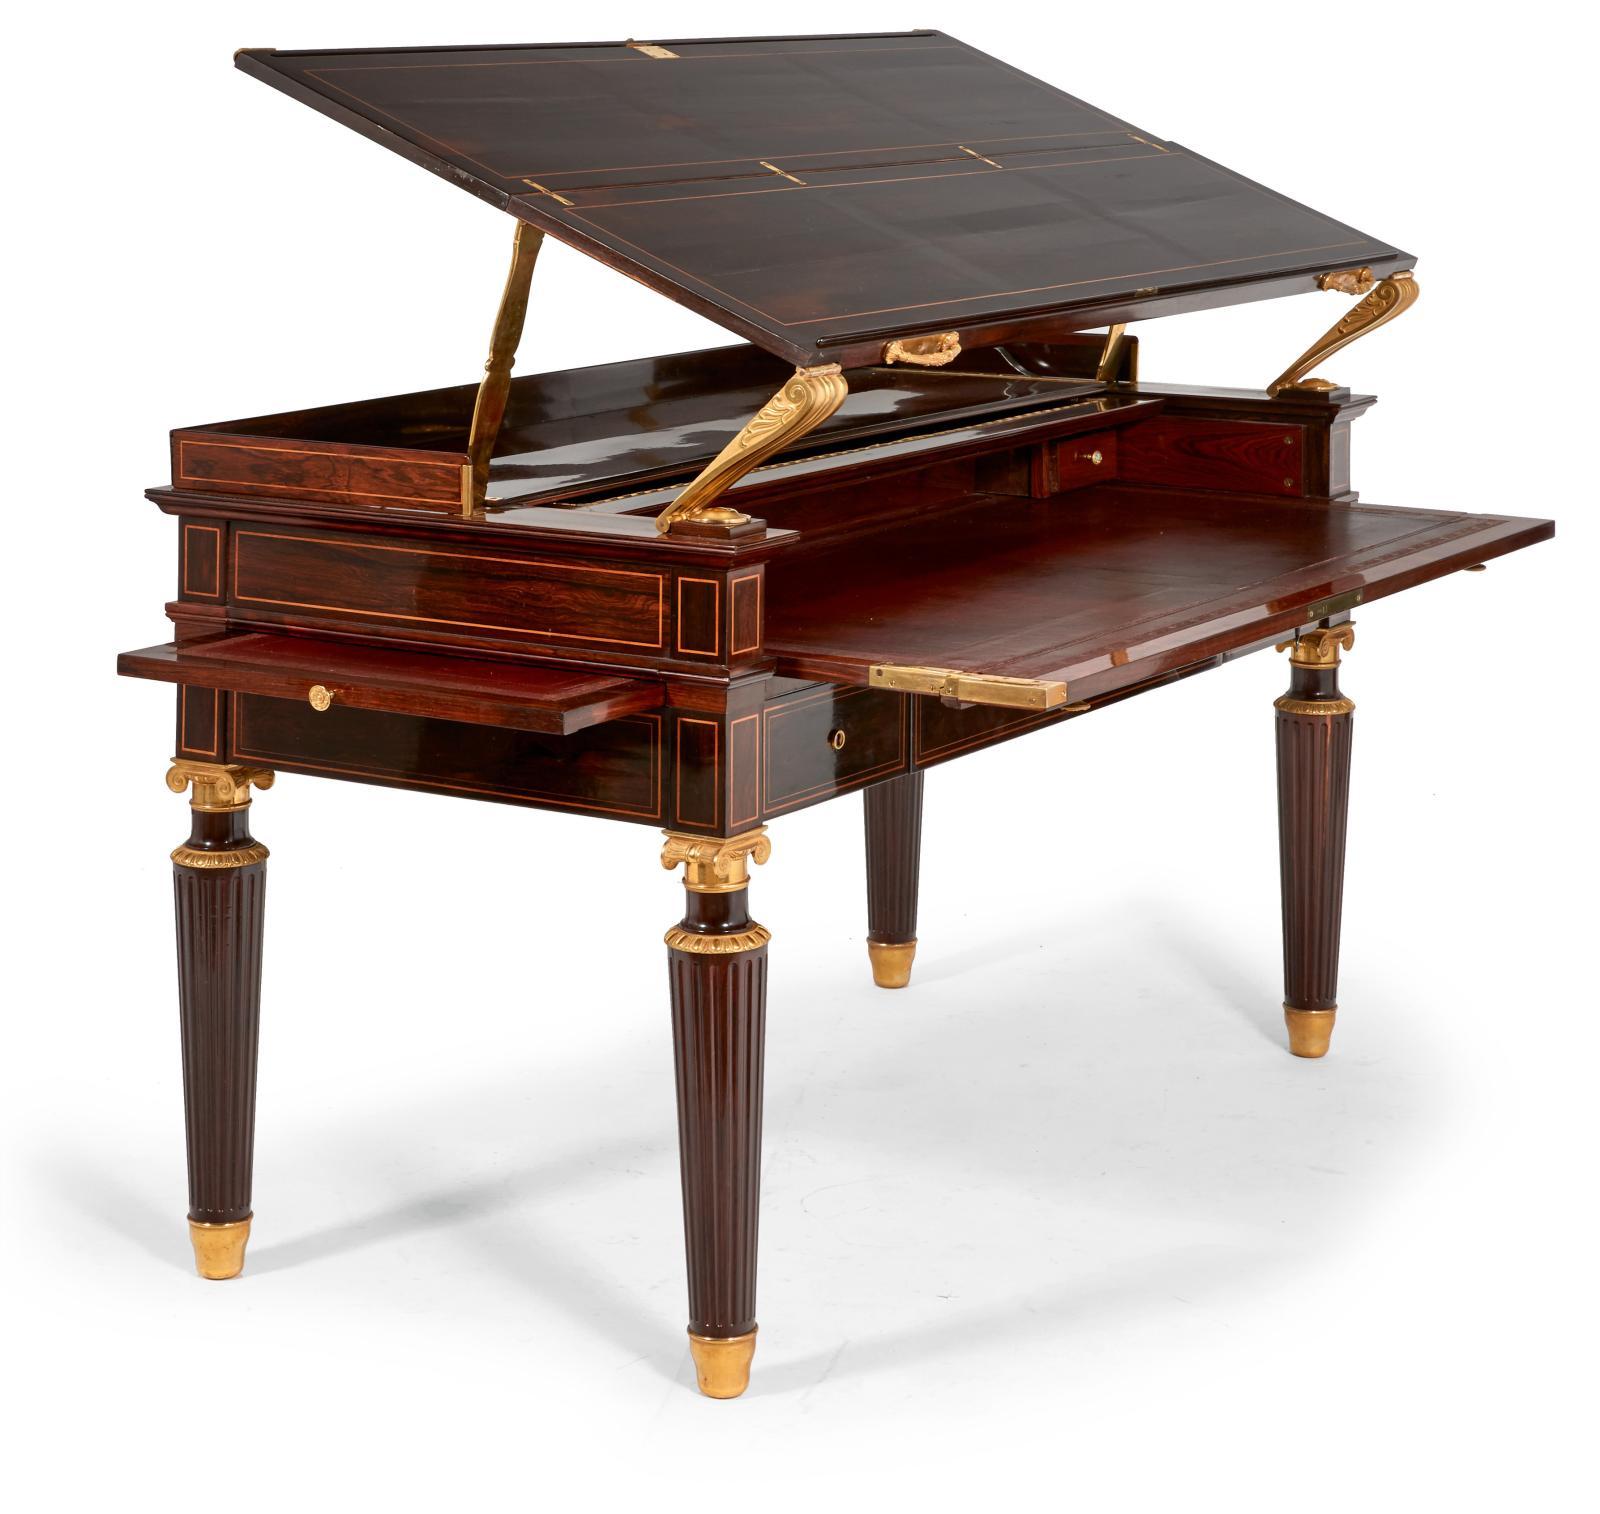 Jean-Christophe Fischer (1779-1854), bureau en palissandre et placage de palissandre, le plateau formant table à dessin, le rideau démasquant un dessu